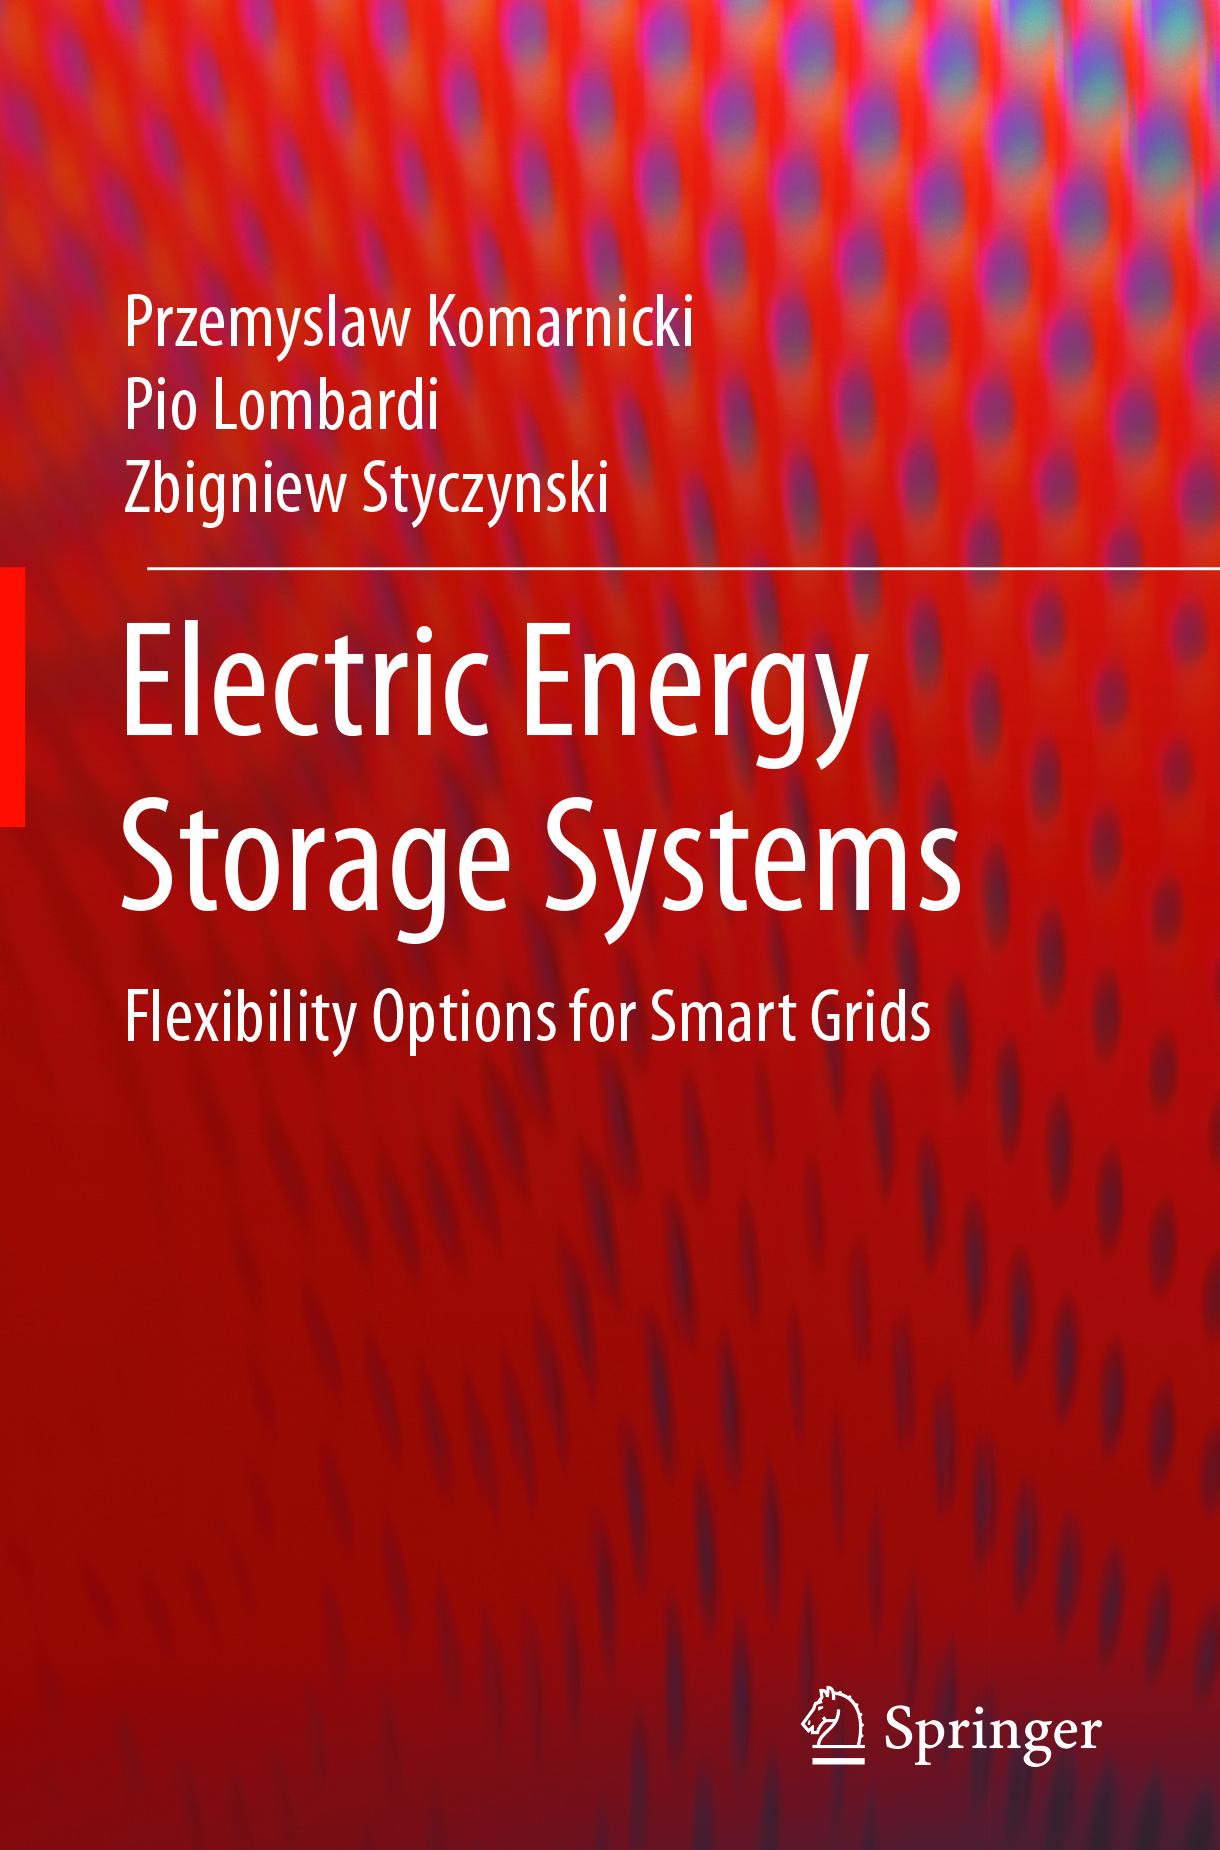 Komarnicki, Przemyslaw - Electric Energy Storage Systems, ebook